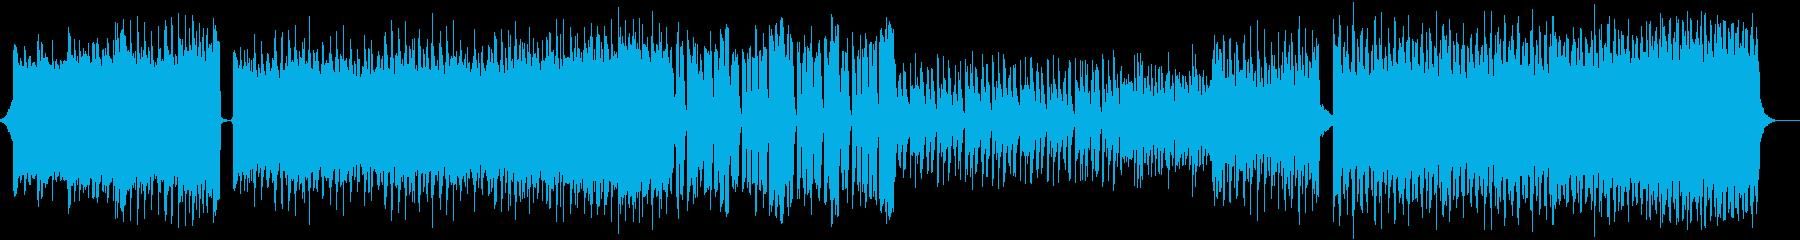 Futurebassの再生済みの波形